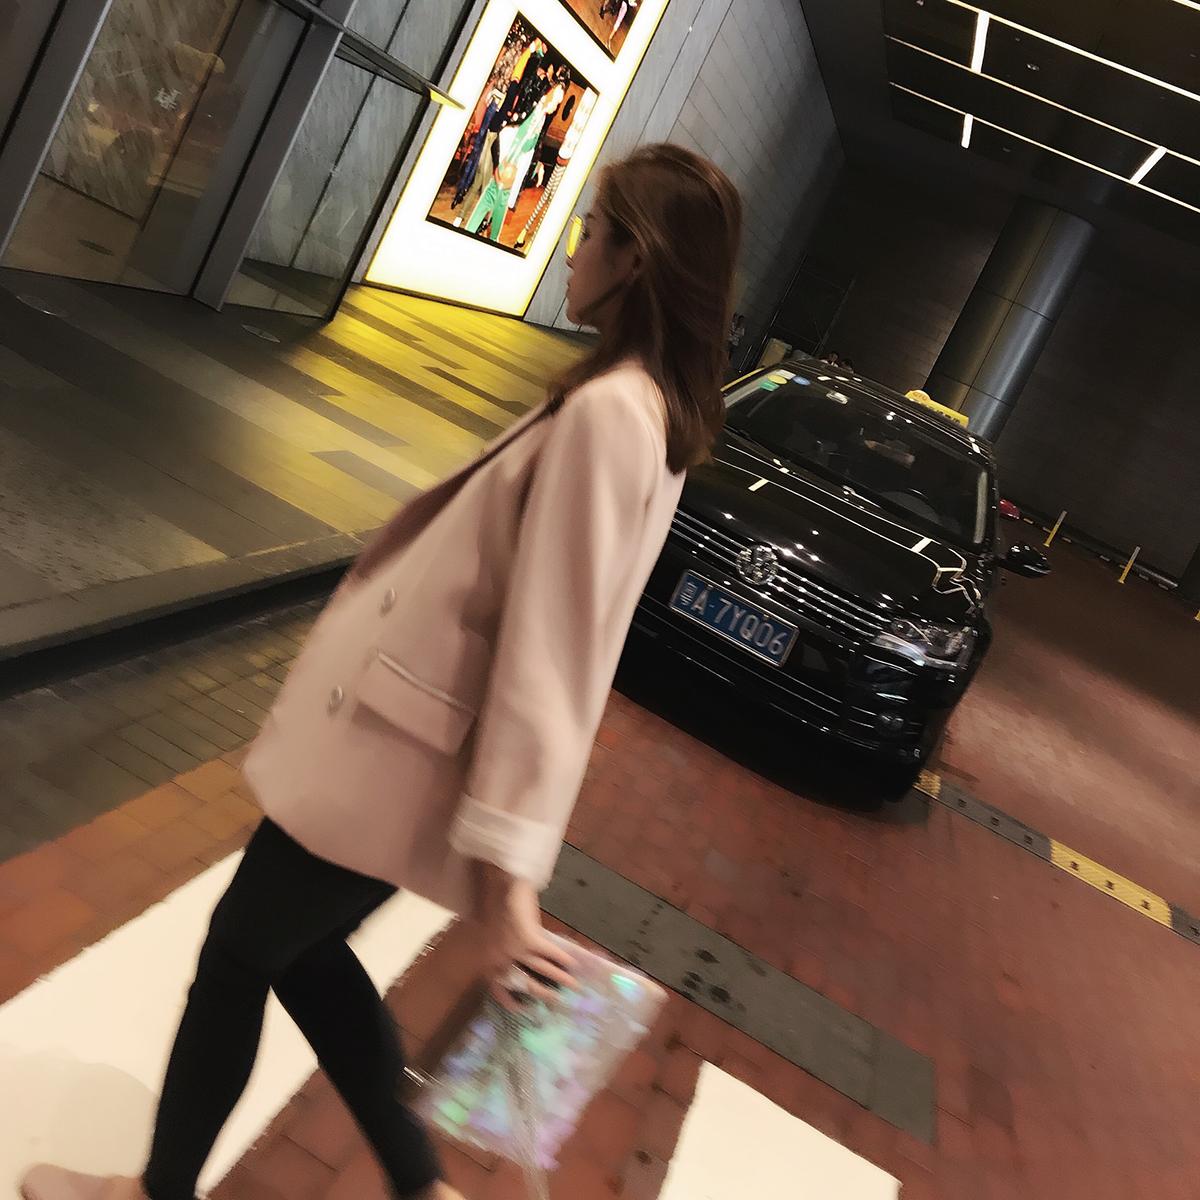 粉红色小西装 柒柒家 2018春季新款休闲西服韩版长袖宽松显瘦时尚小西装外套潮_推荐淘宝好看的粉红色小西装